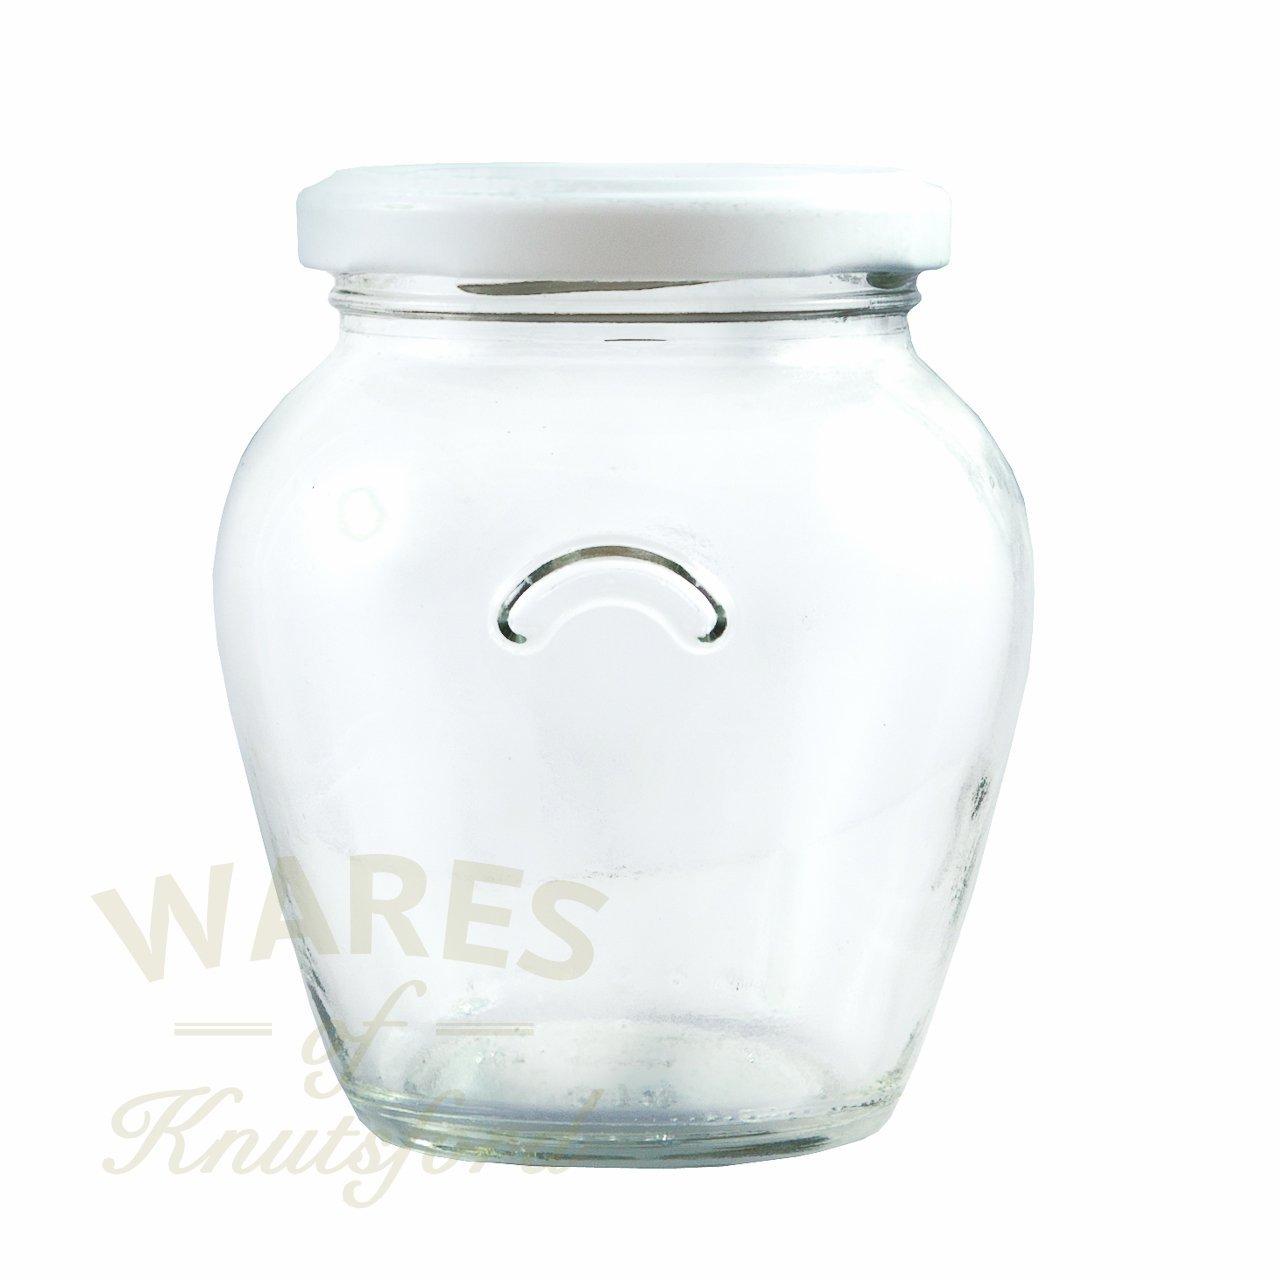 Confezione di 12314ml Gourmet/Orcio Barattoli con una scelta di coperchi colorati, White, 12 pezz